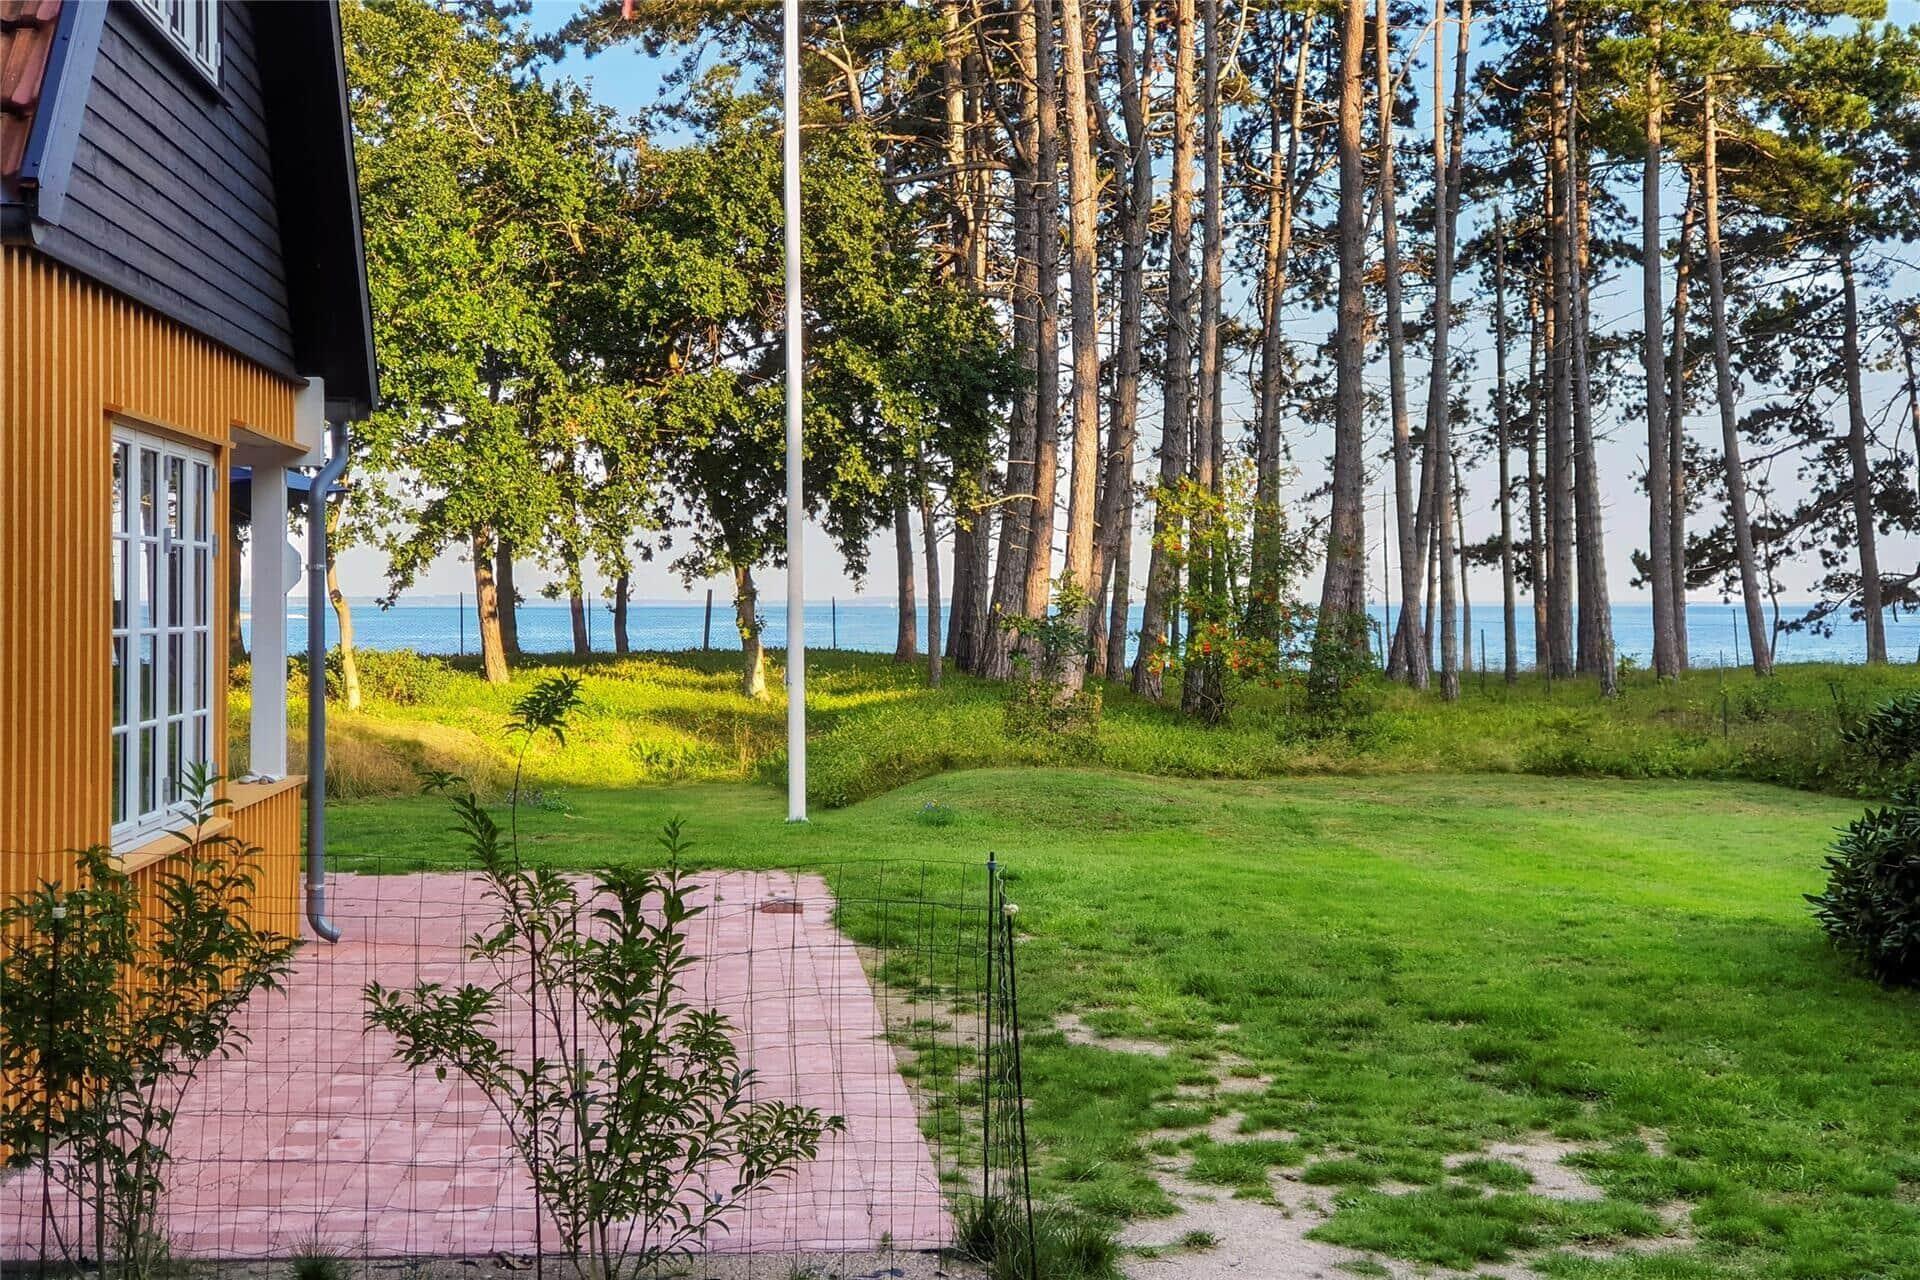 Billede 1-17 Sommerhus 10081A, Skansehagevej 34, DK - 4581 Rørvig